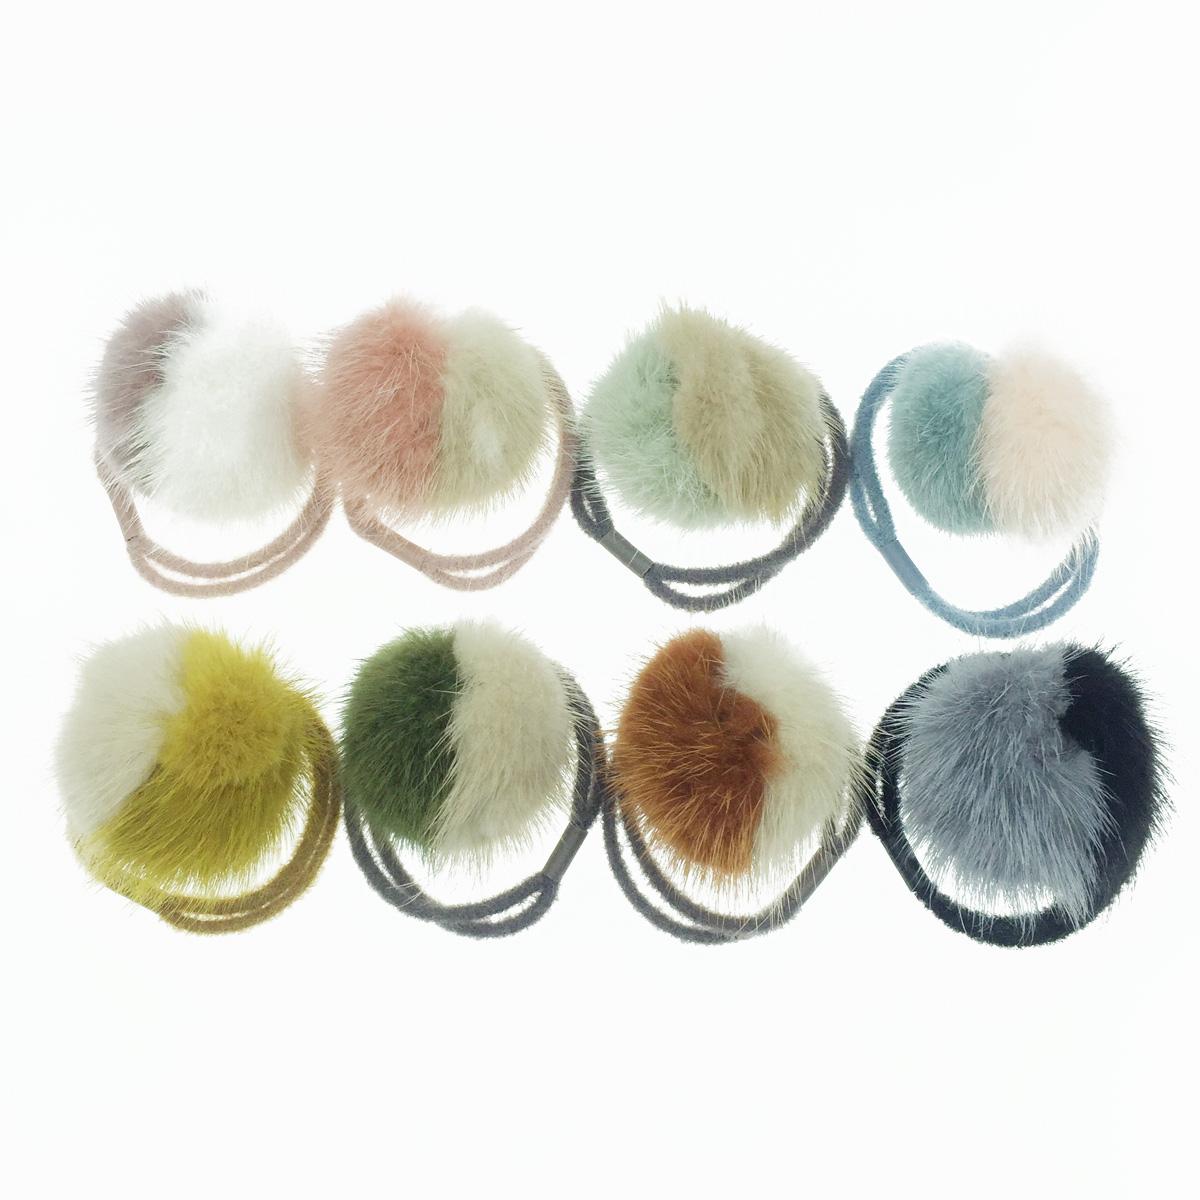 韓國 撞色 絨毛 可愛毛球 多色 髮飾 髮圈 髮束